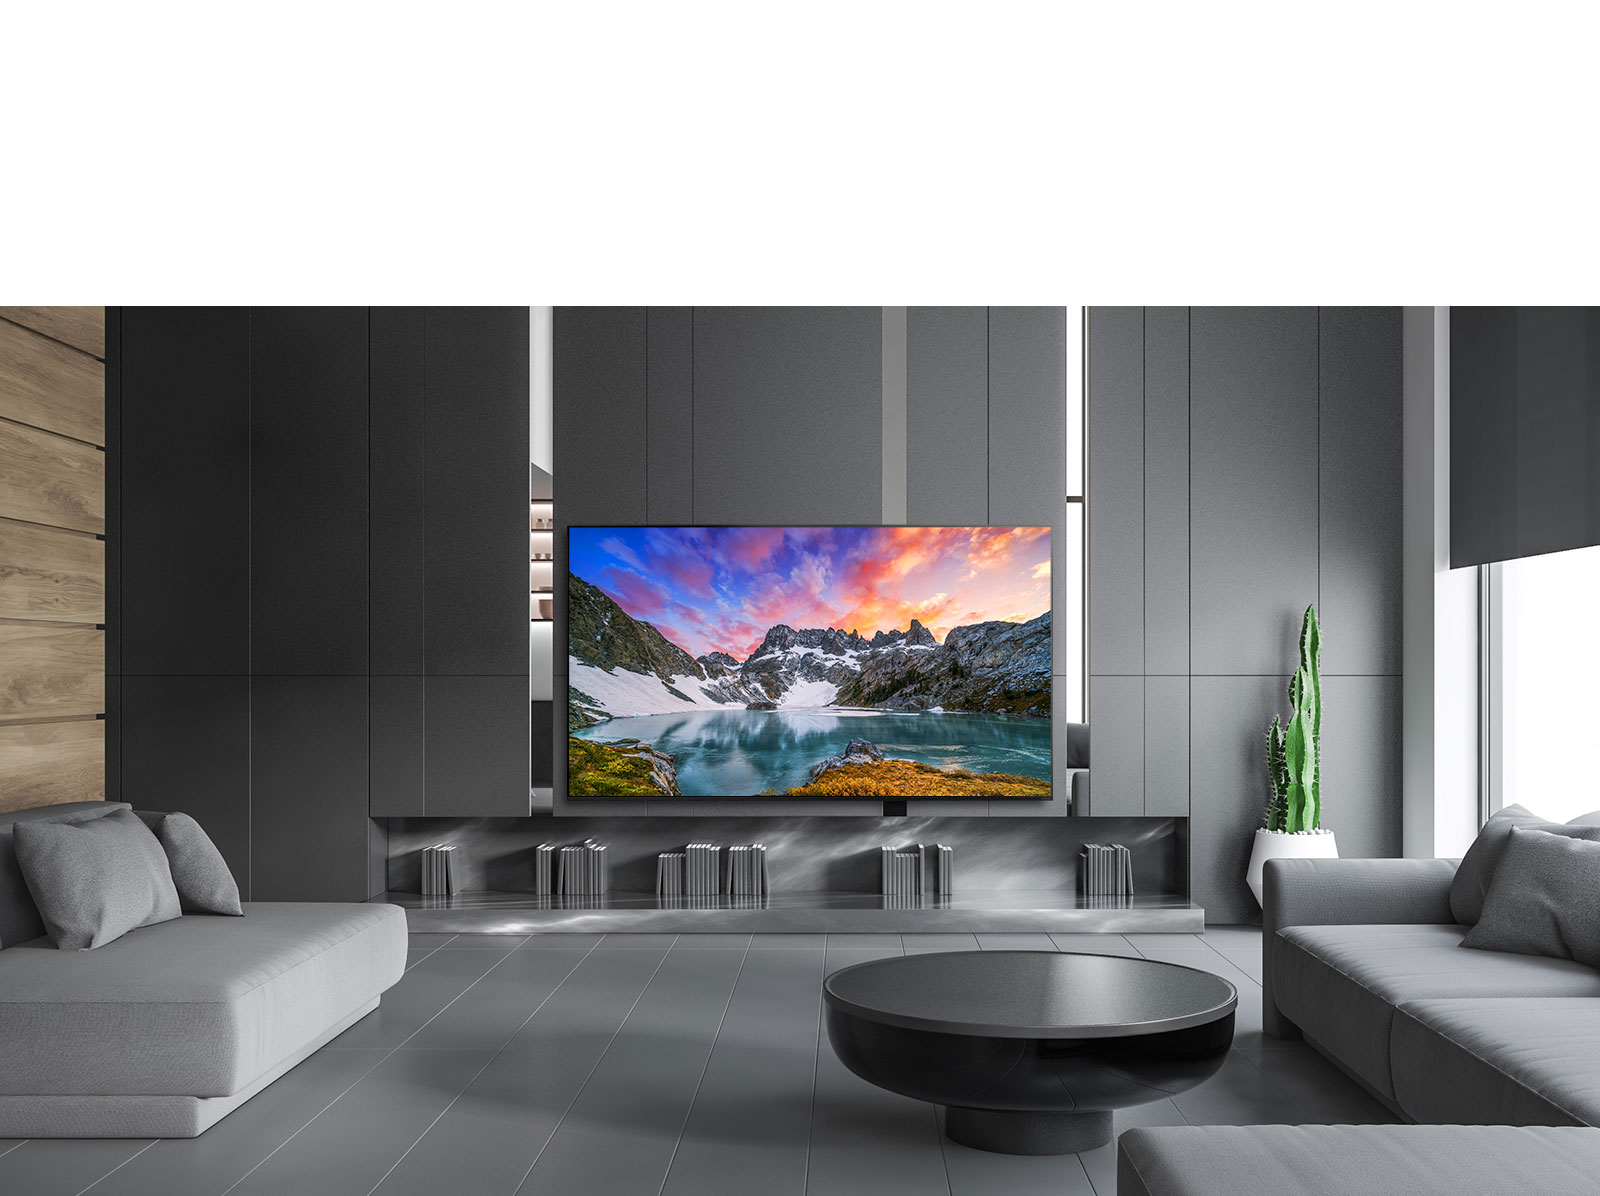 İzleme Keyfinizi Gerçeklikle Kıyaslayın: LG Televizyonlar